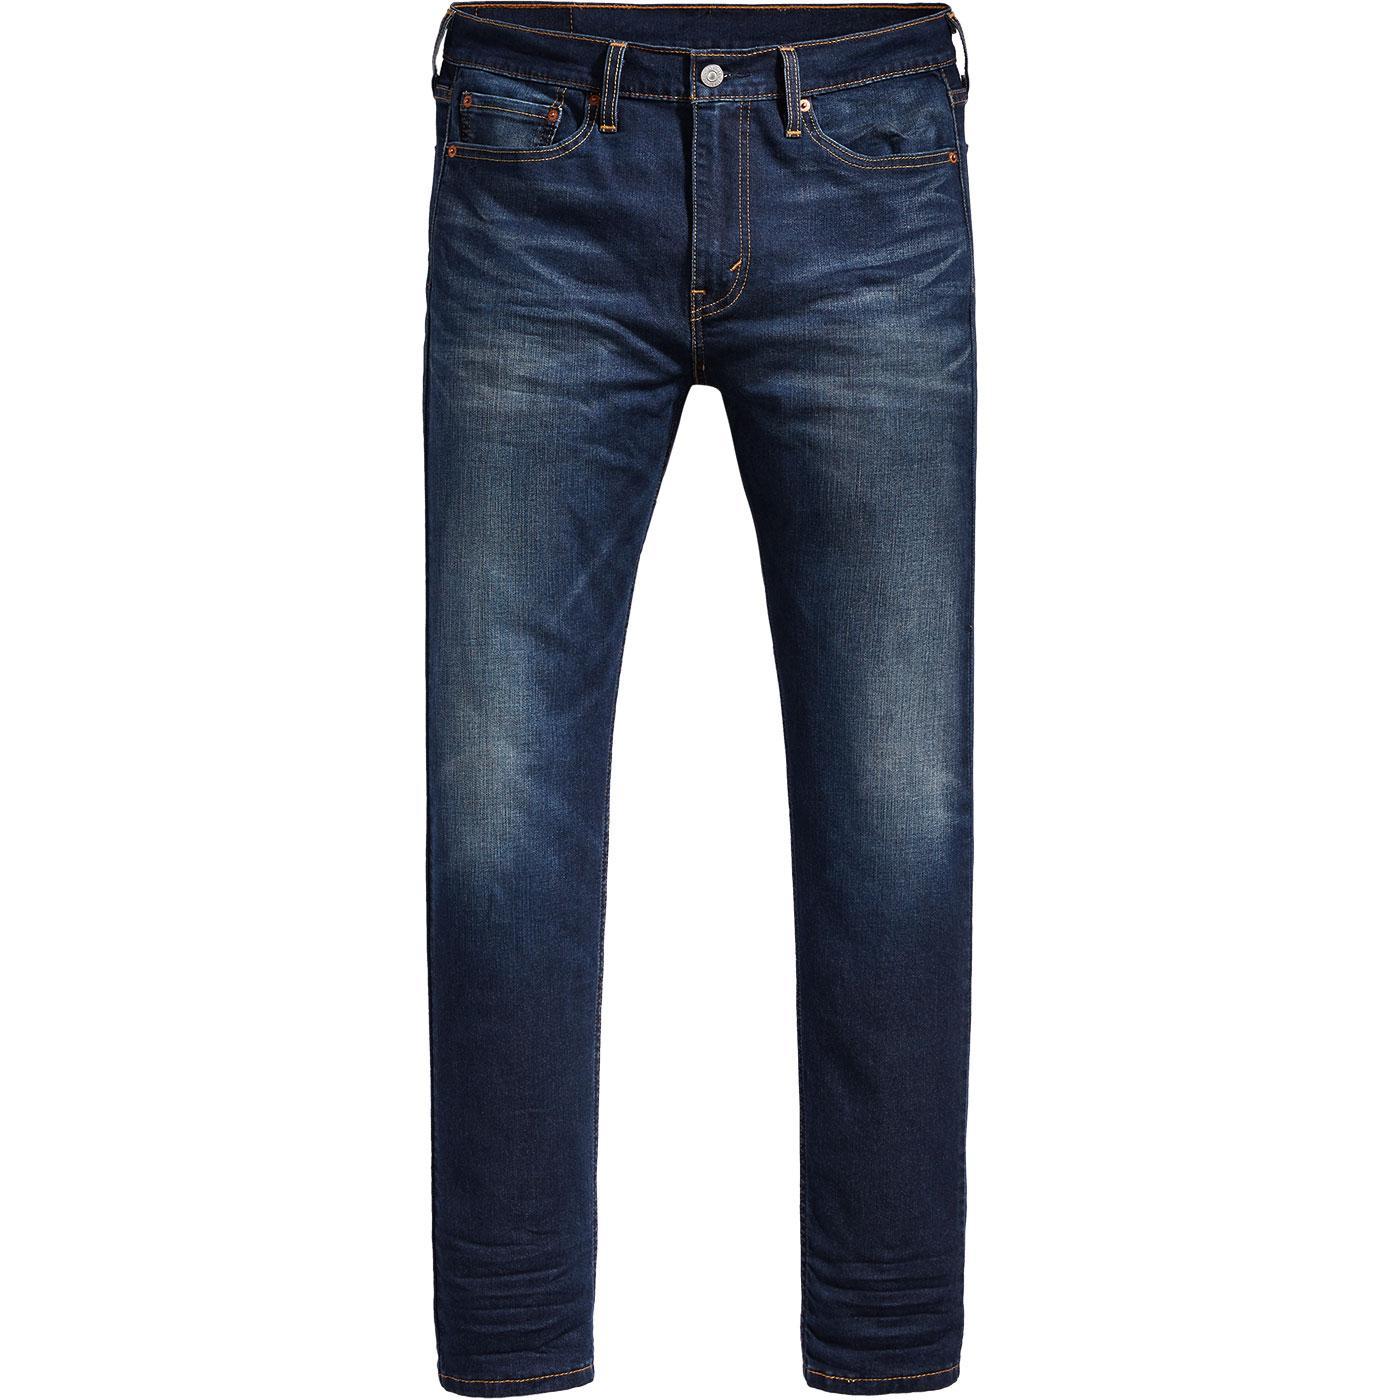 0bac6819 ATOM RETRO CLOTHING - Mens & Womens Retro Clothing, Mod Clothing ...